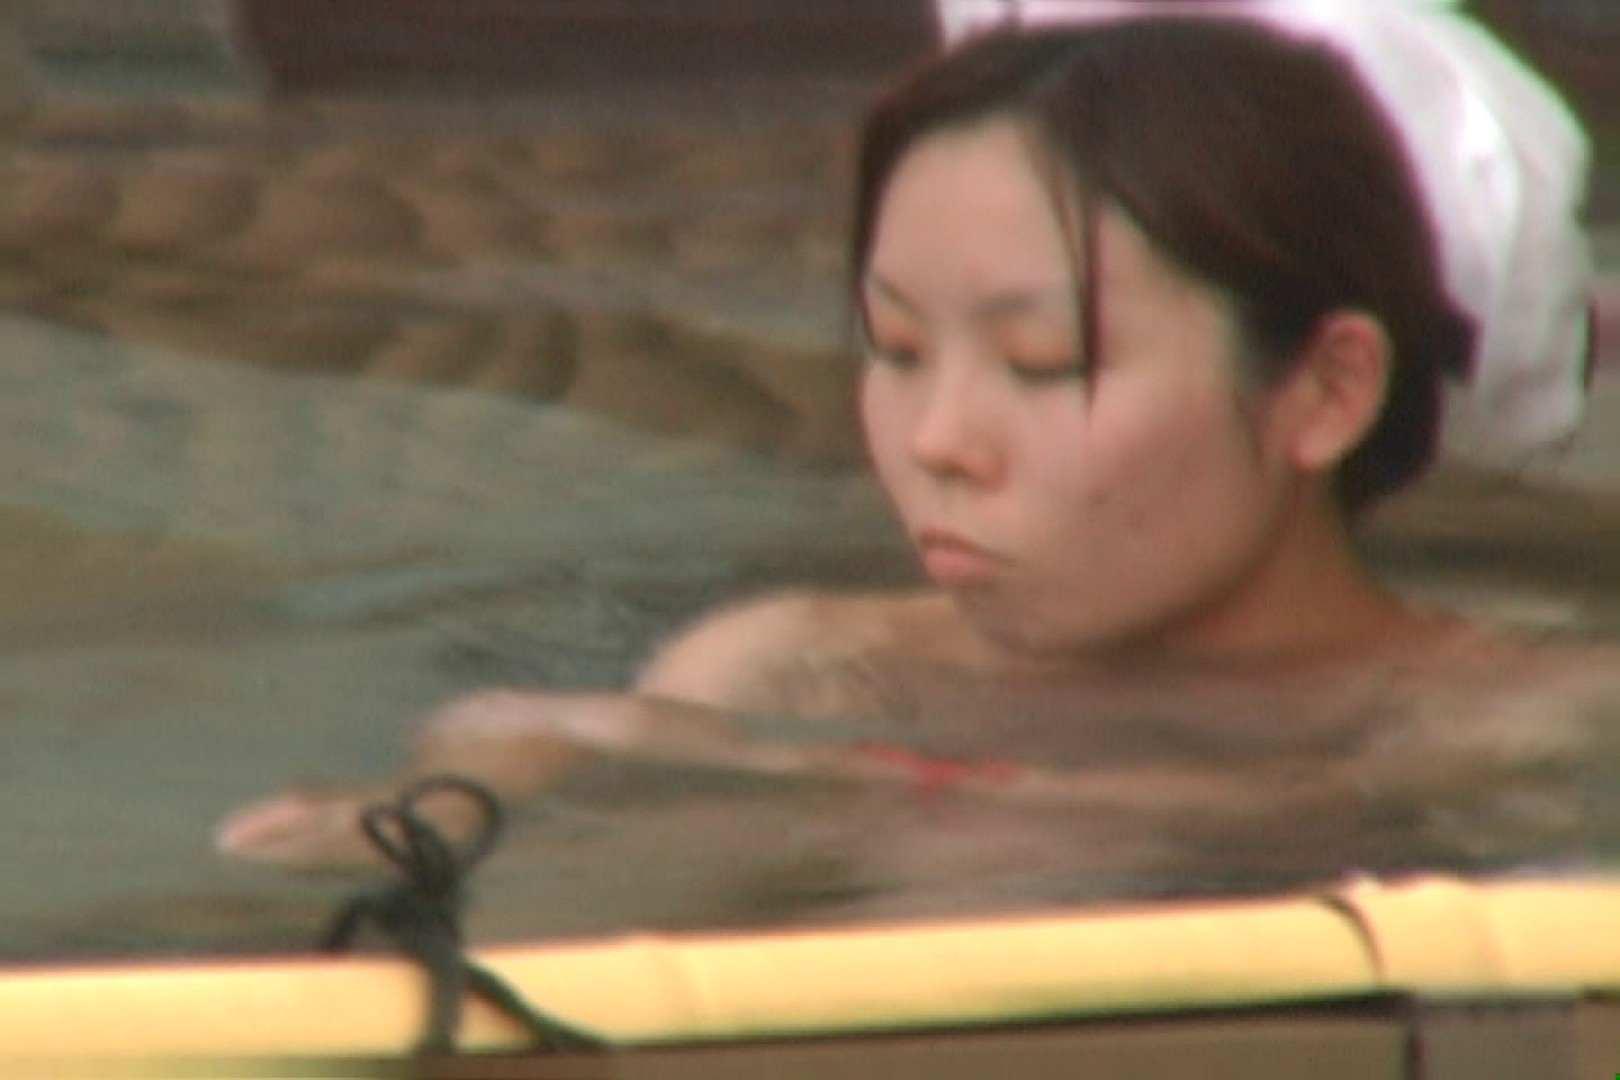 Aquaな露天風呂Vol.580 0  103pic 74